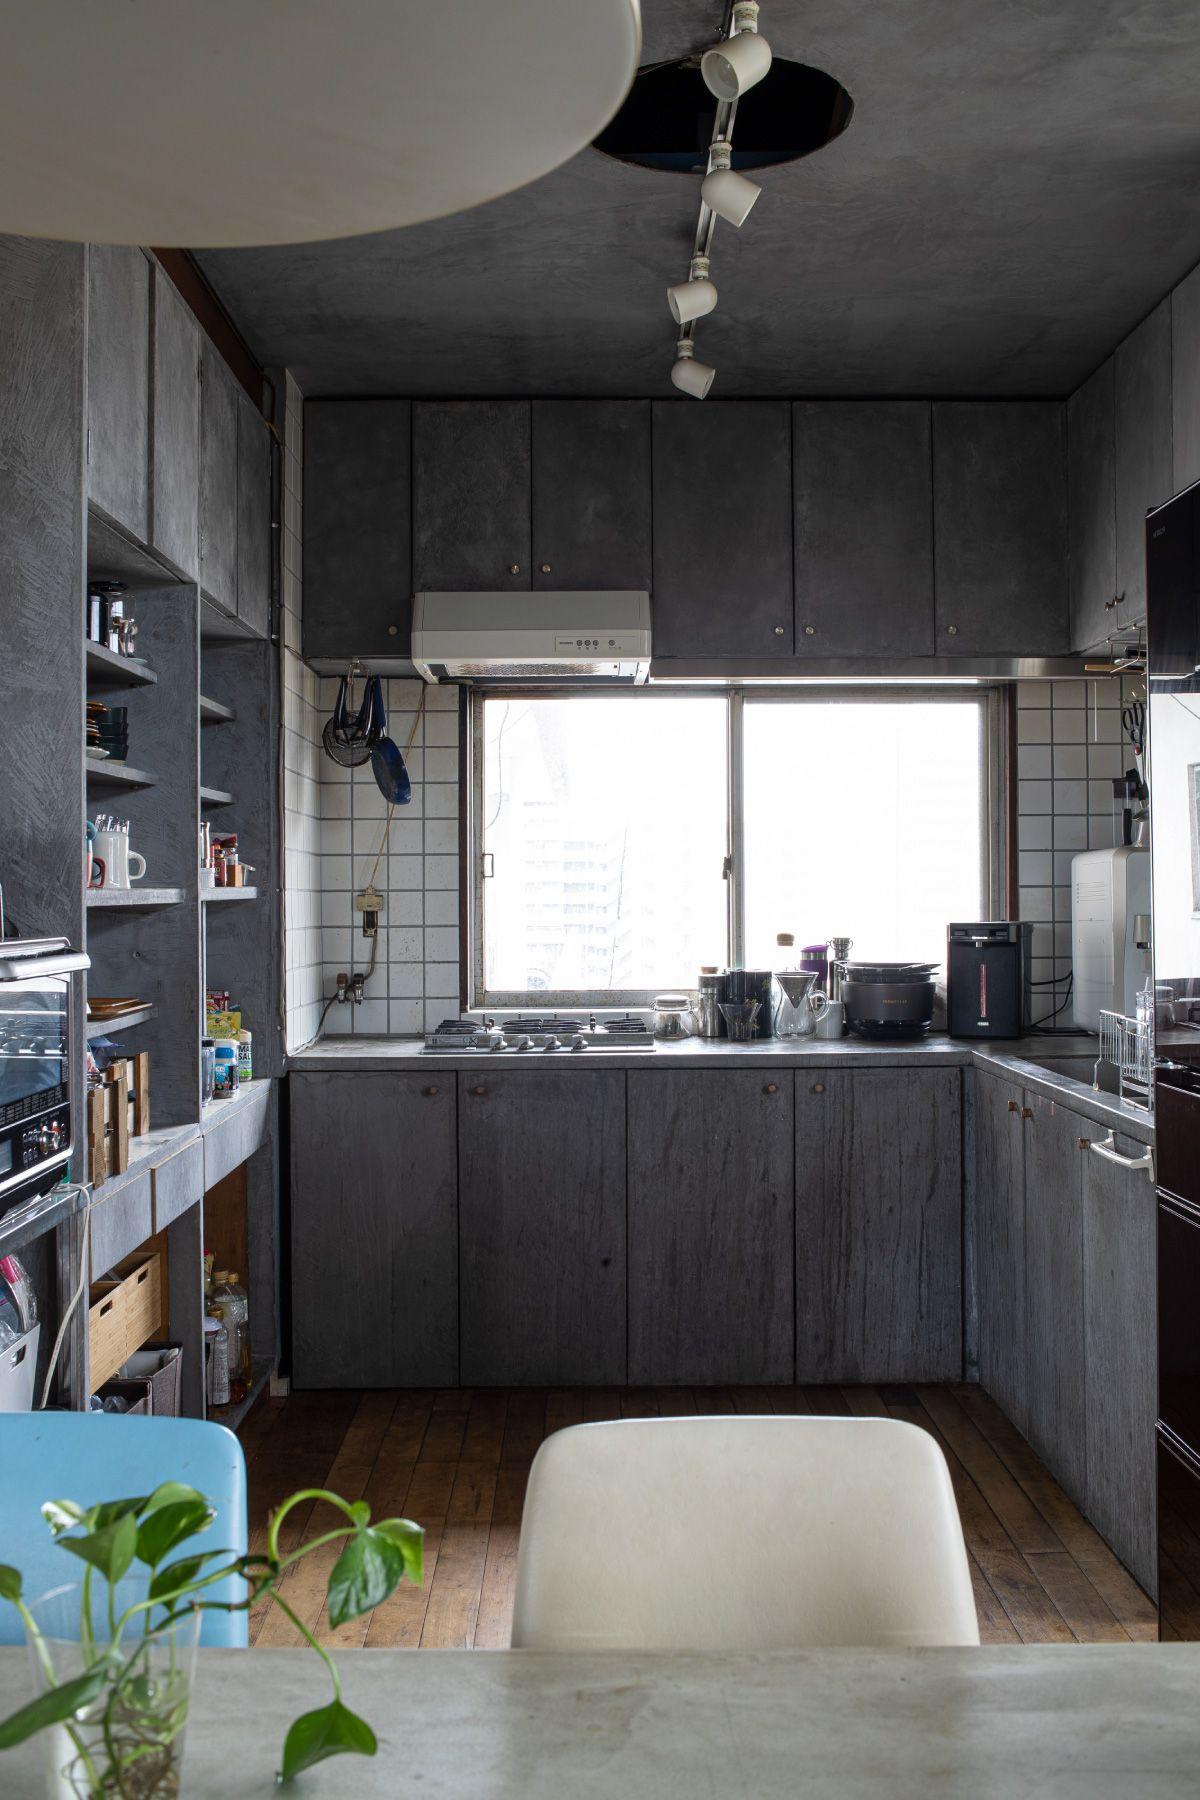 ROOVICE/オフィス (ルーヴィス)7F キッチン